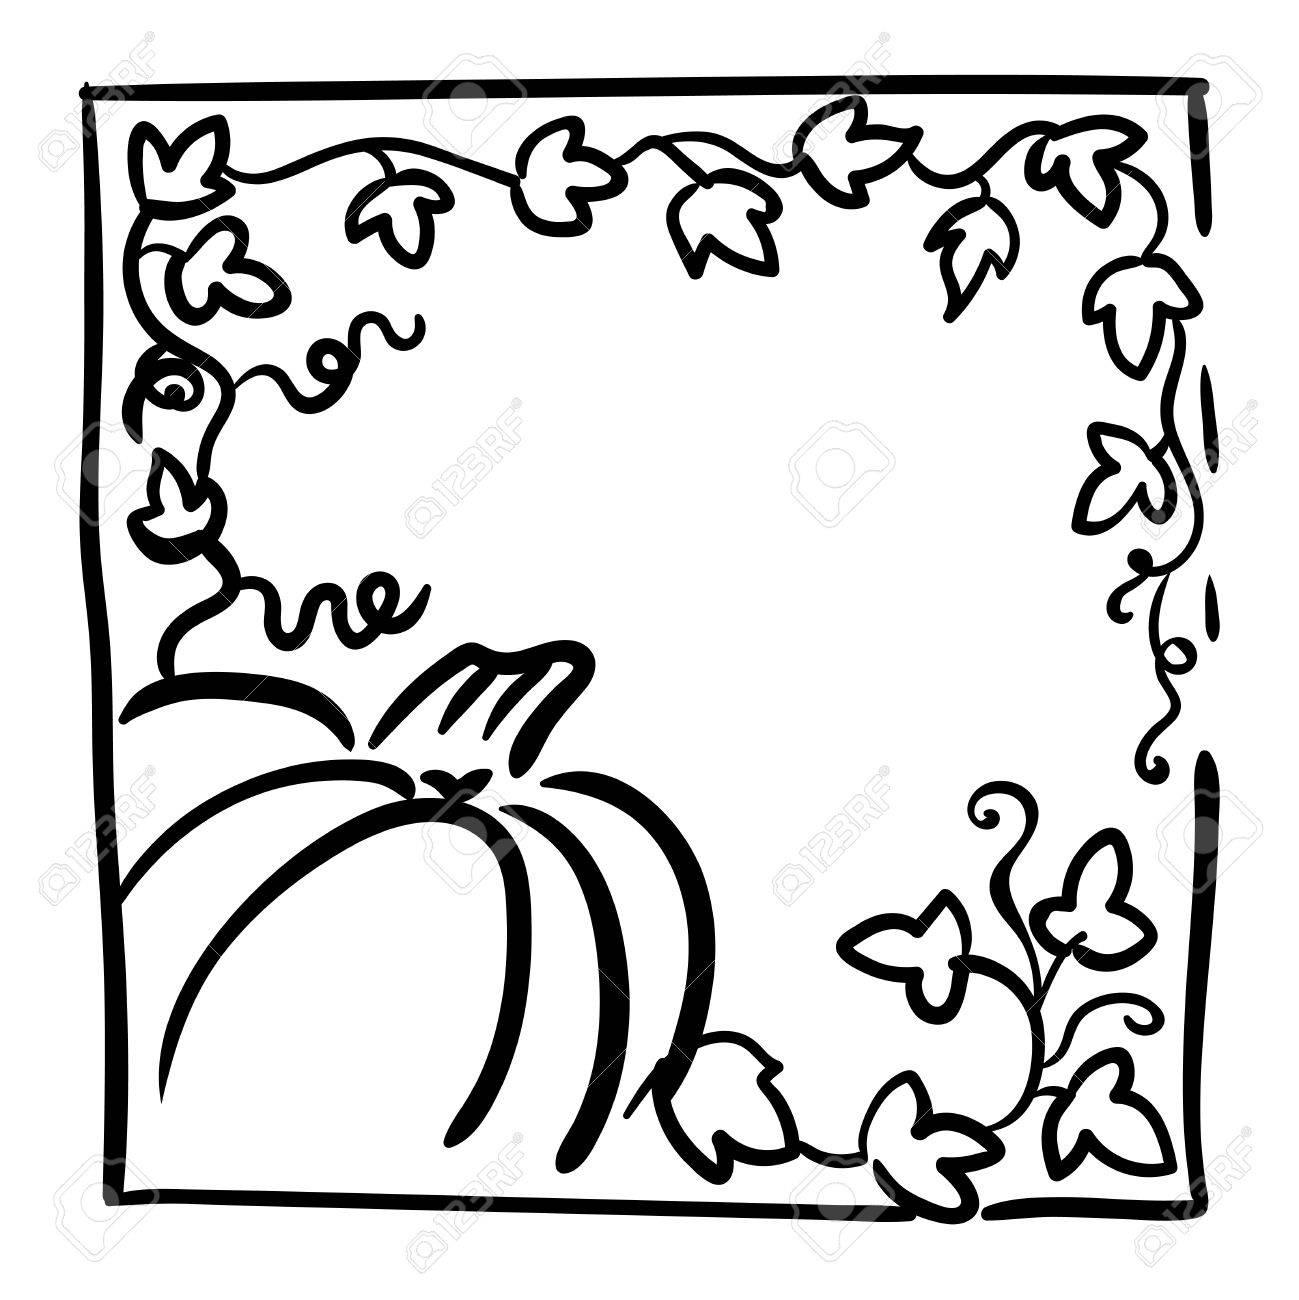 October 31 design element  Pumpkin, tendrils and large lobed